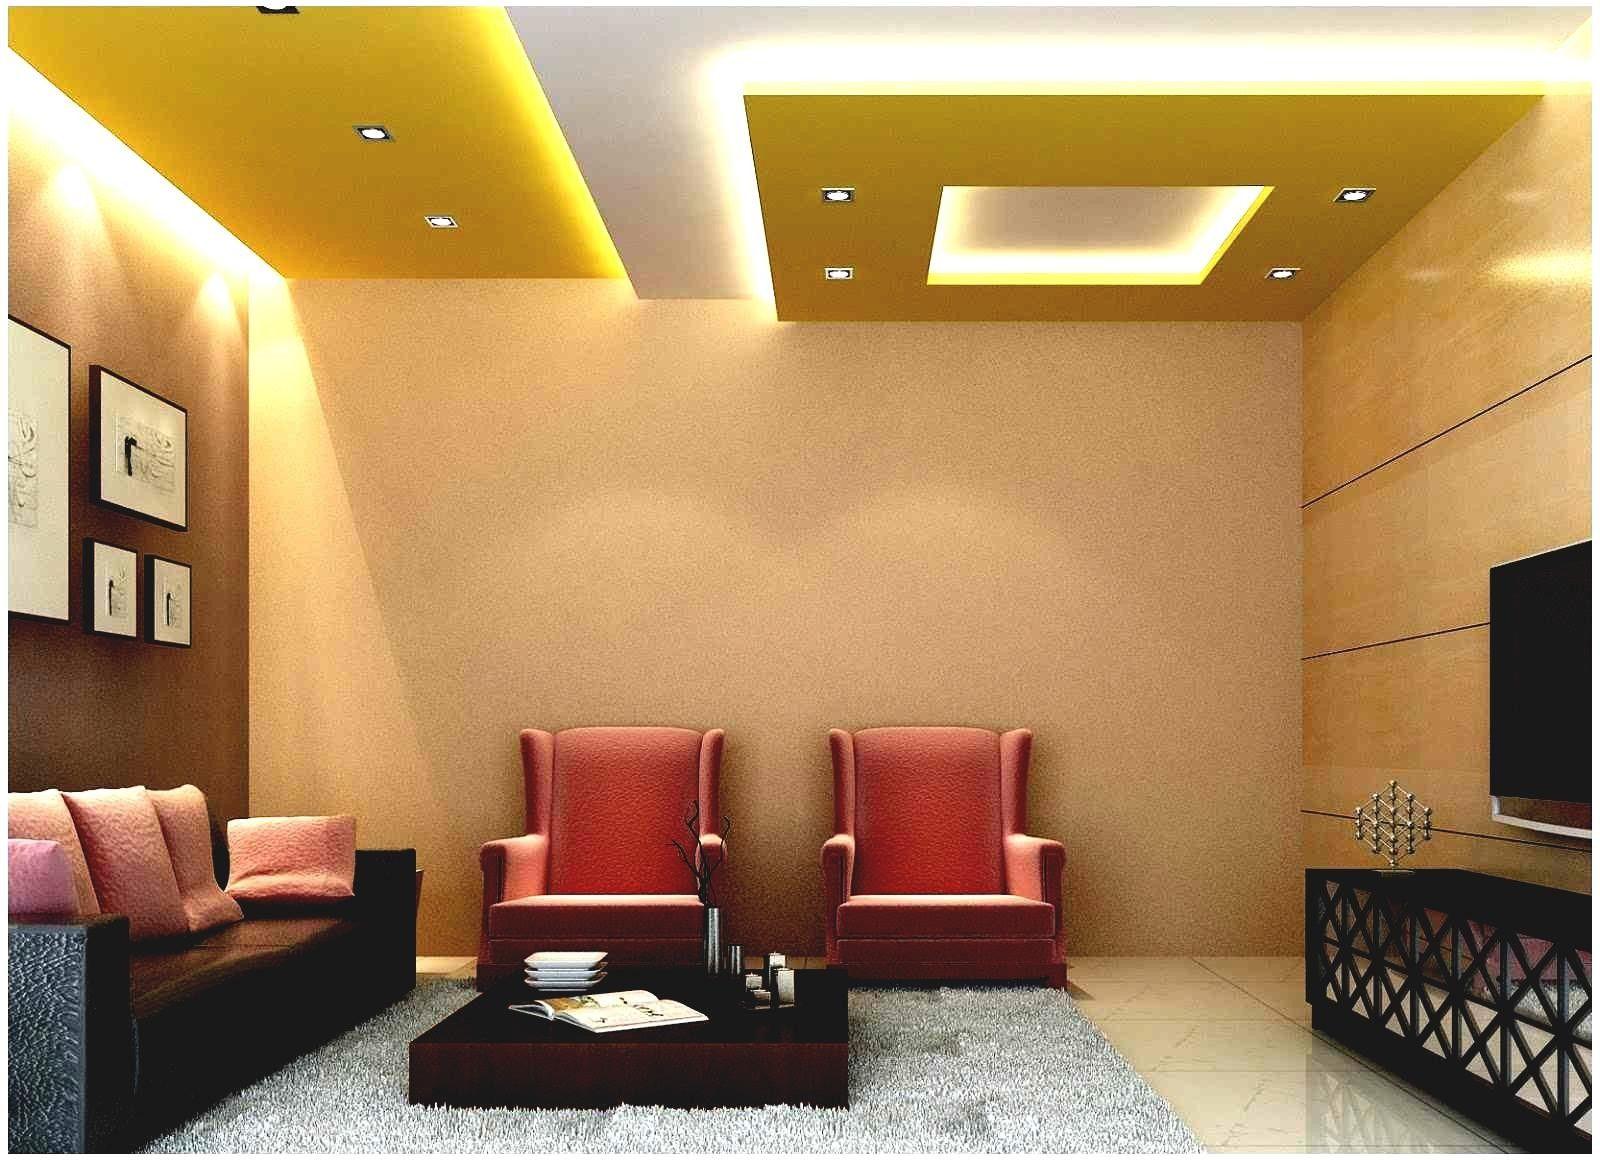 Ceiling Pop Design For Small Hall Www Lightneasy Net Et Si